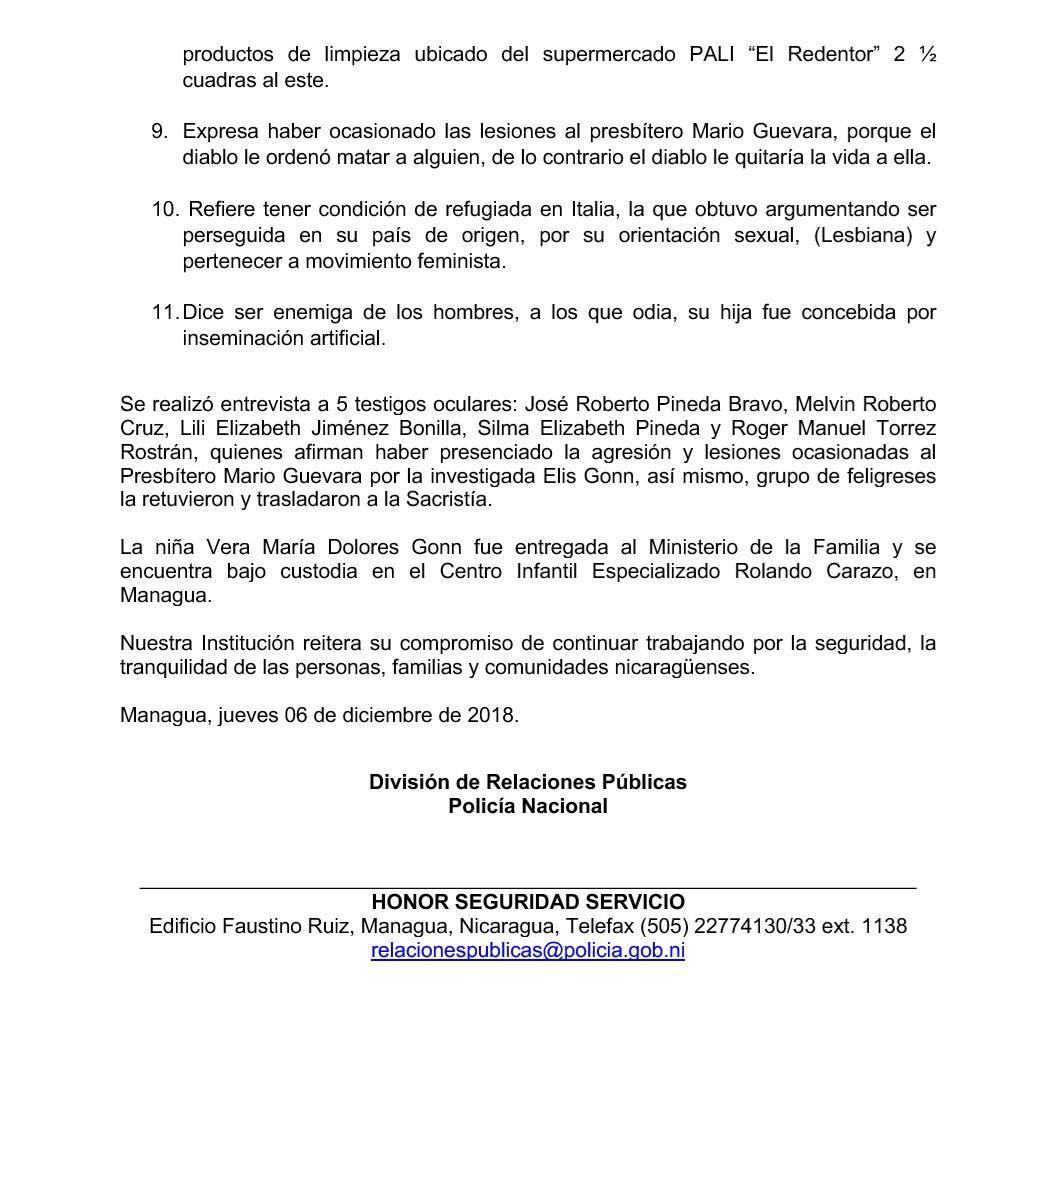 Policía Nacional da a conocer avances del proceso investigativo sobre ataque al Presbítero Mario Guevara